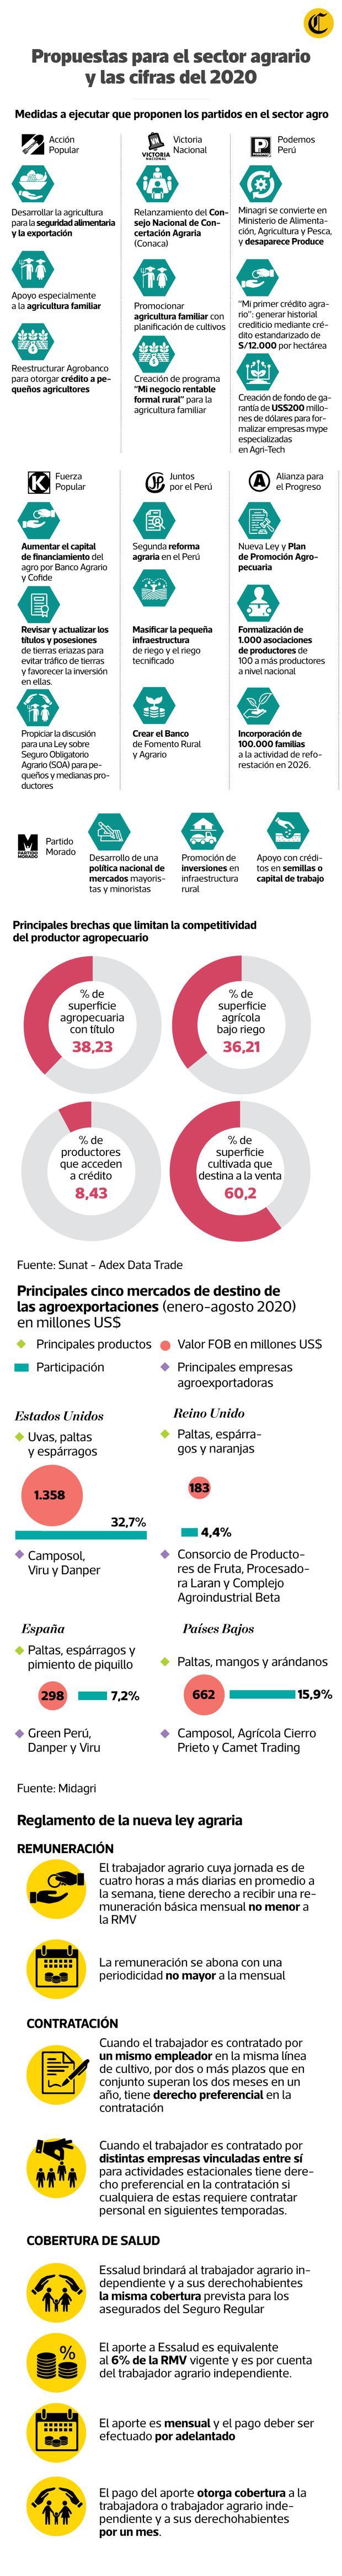 Situación del agro peruano y las propuestas de los candidatos para el sector. (Infografía: Jean Izquierdo)